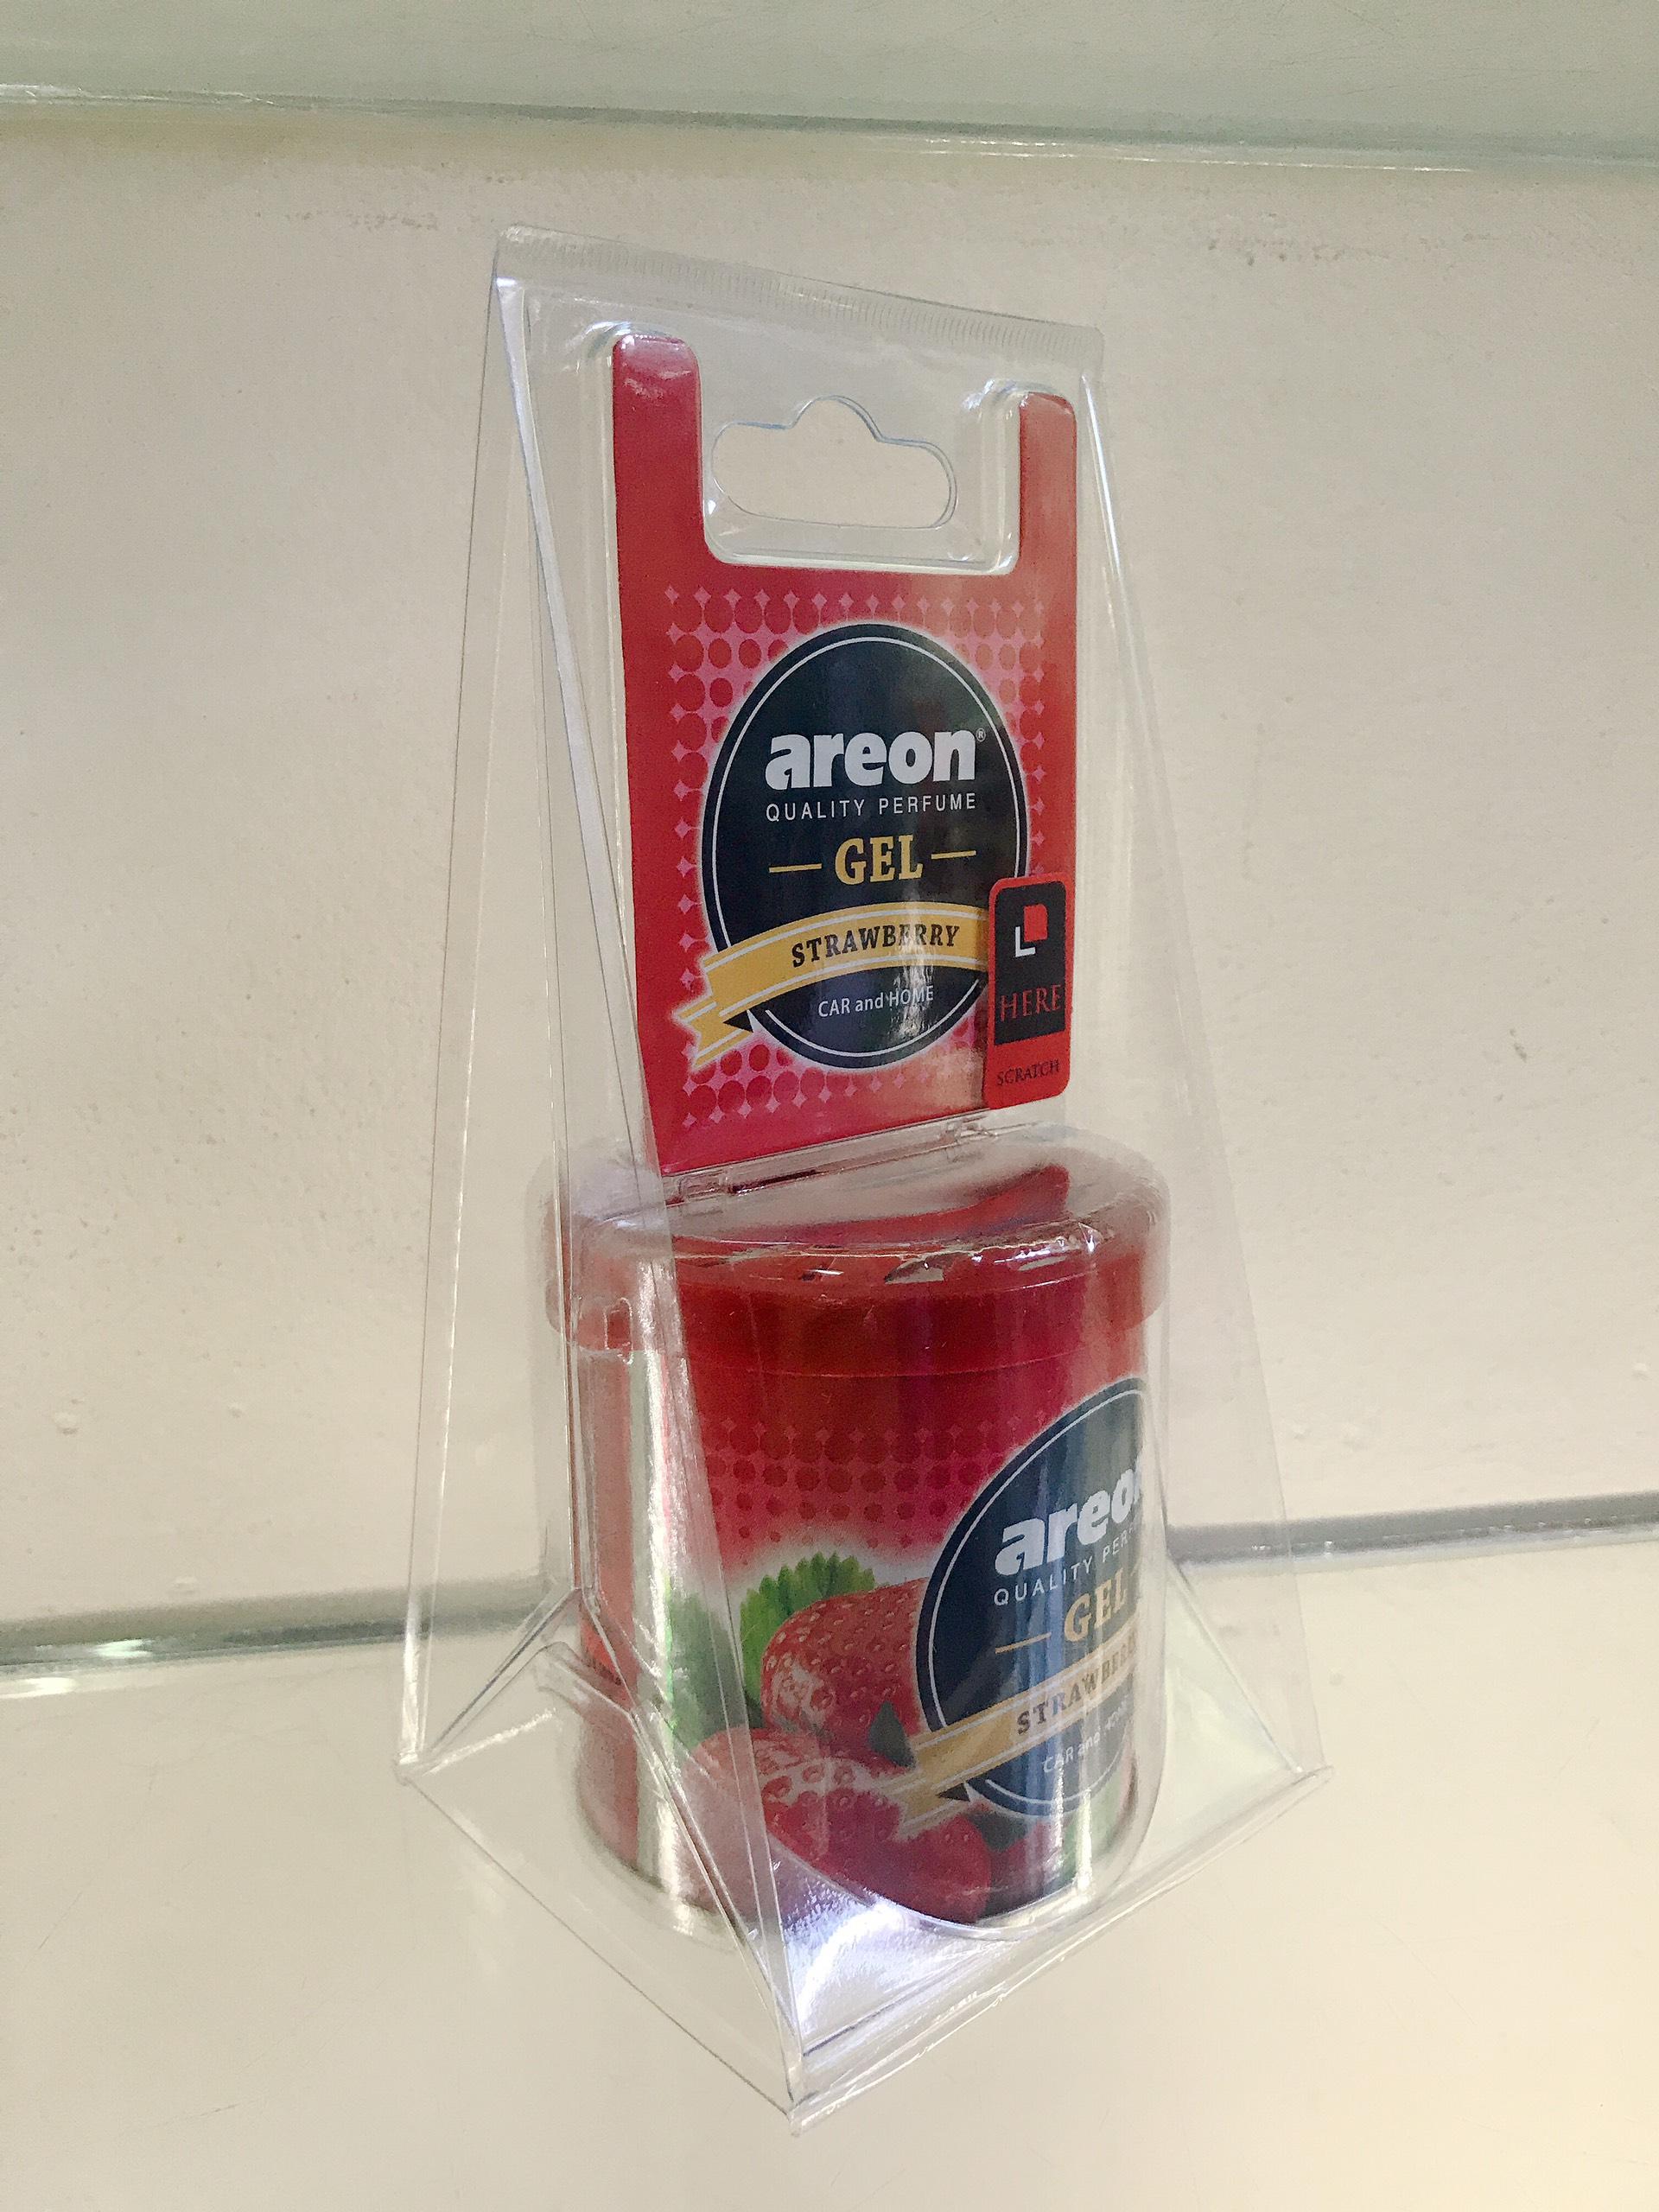 Gel Hương Dâu – Areon Gel Strawberry (Ngọt nhẹ)